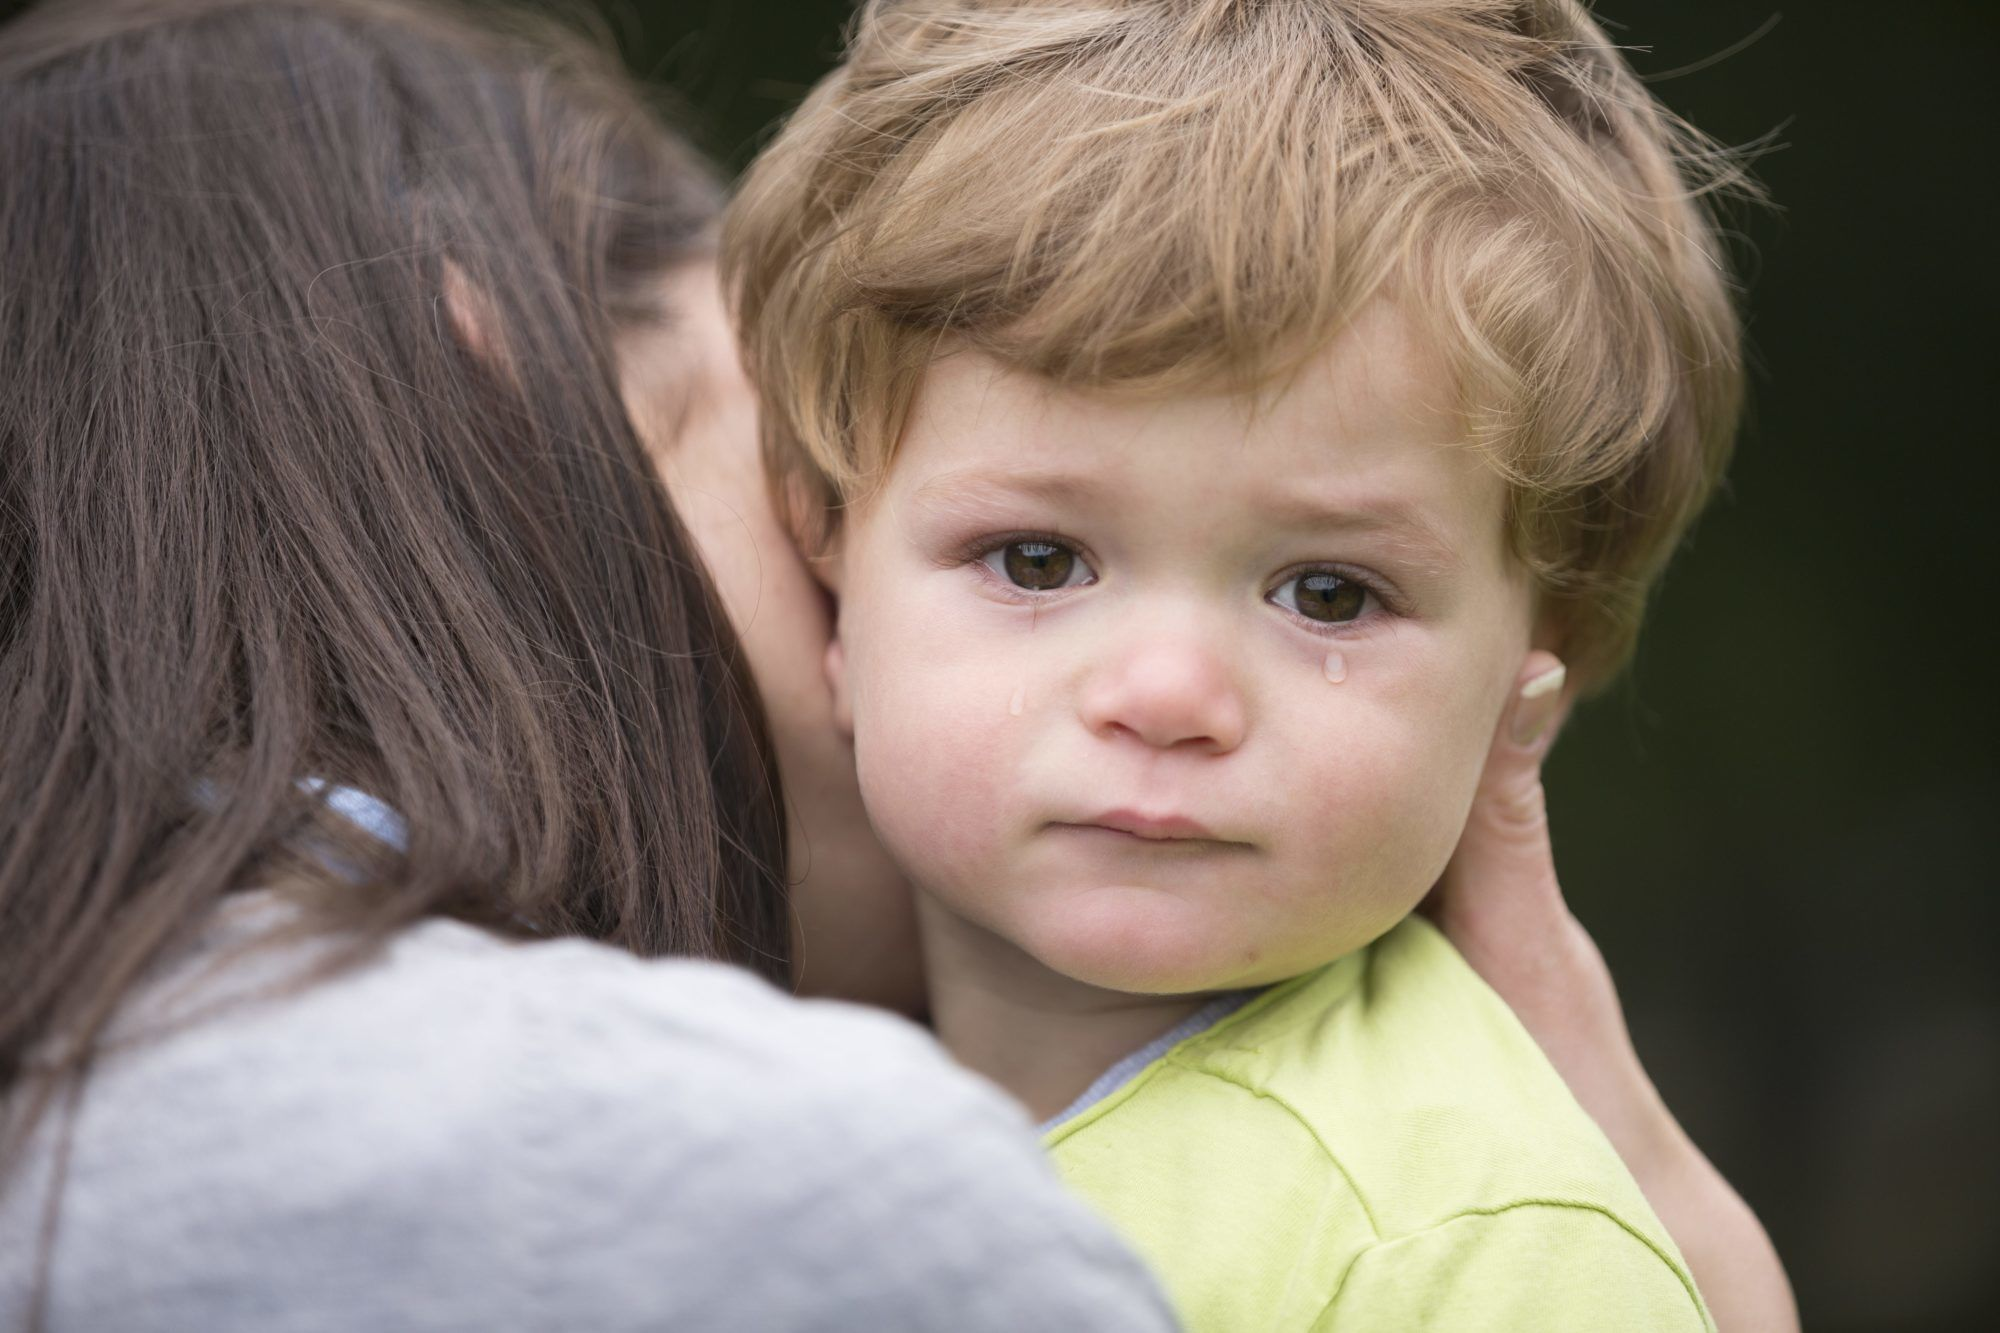 Imparare ad amare in modo sano da bambini | Dipendiamo.blog